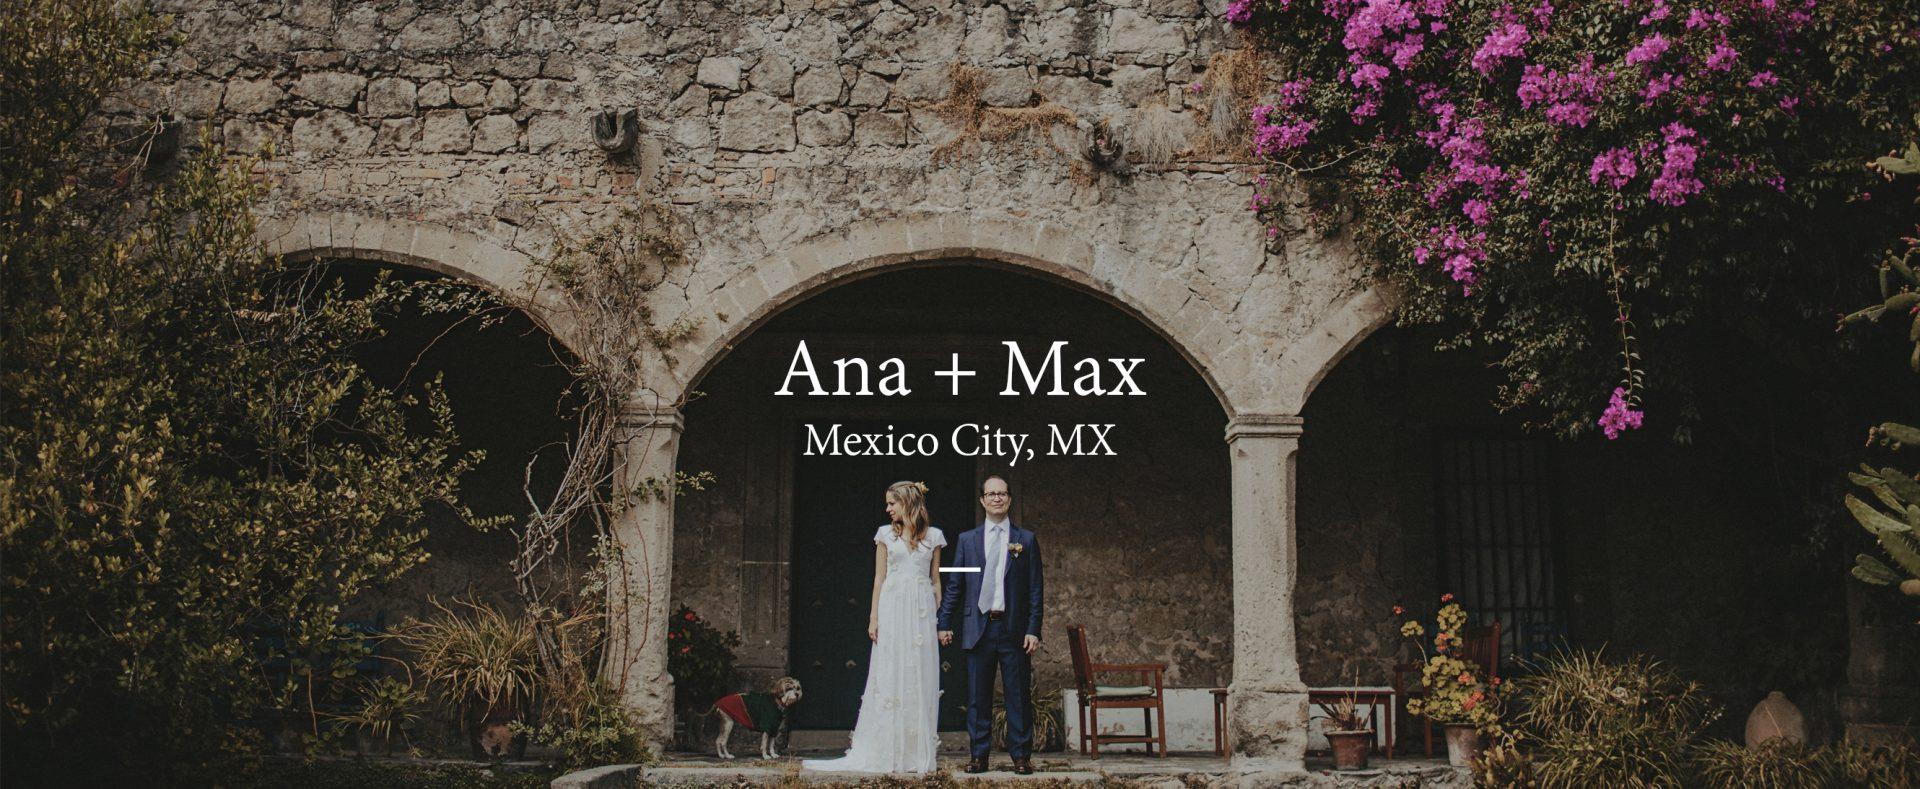 Ana + Max | Mexico City, Mexico | Rancho San Juan